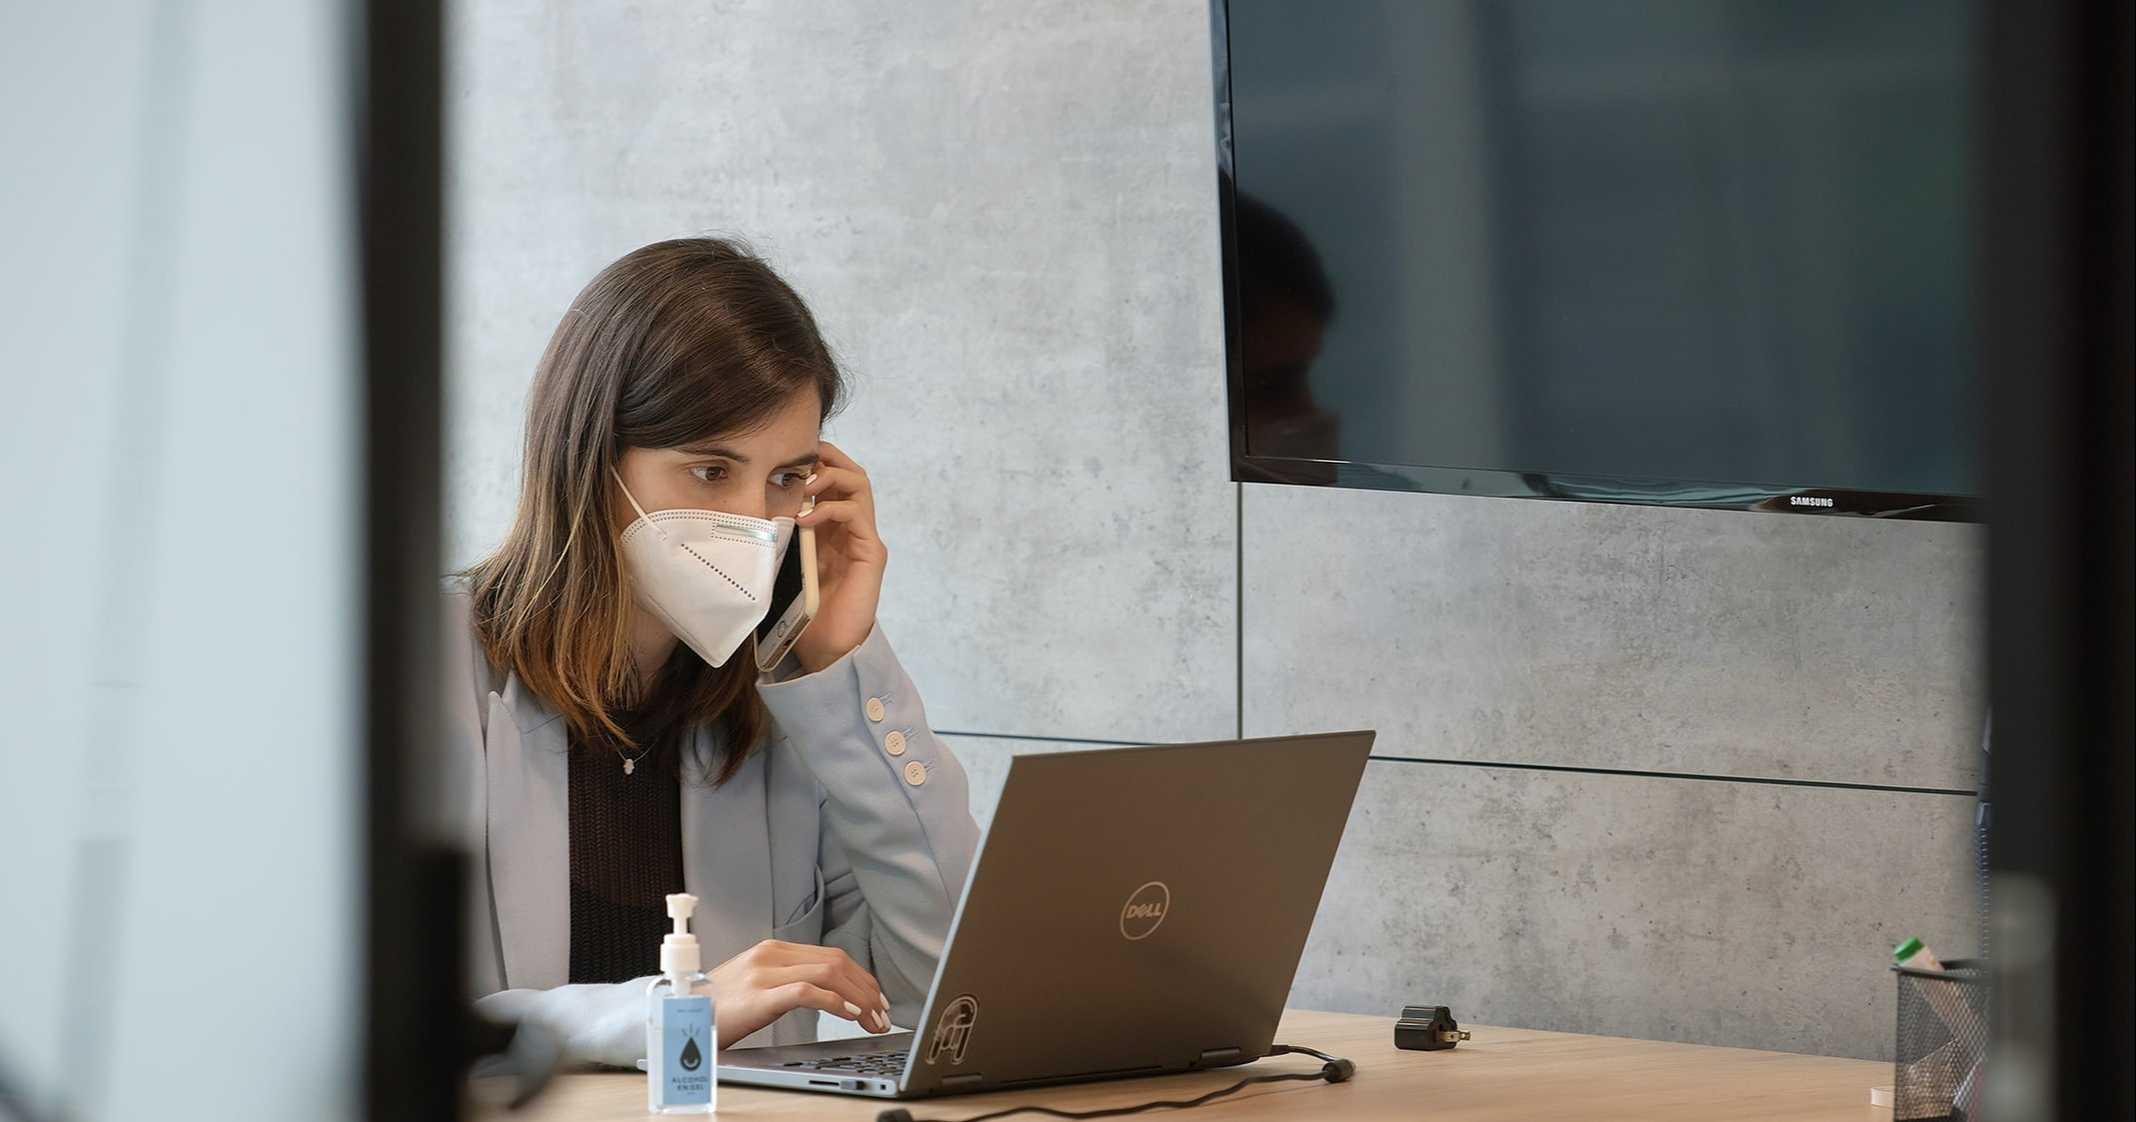 metodologias agiles como ser mas productivo en home office